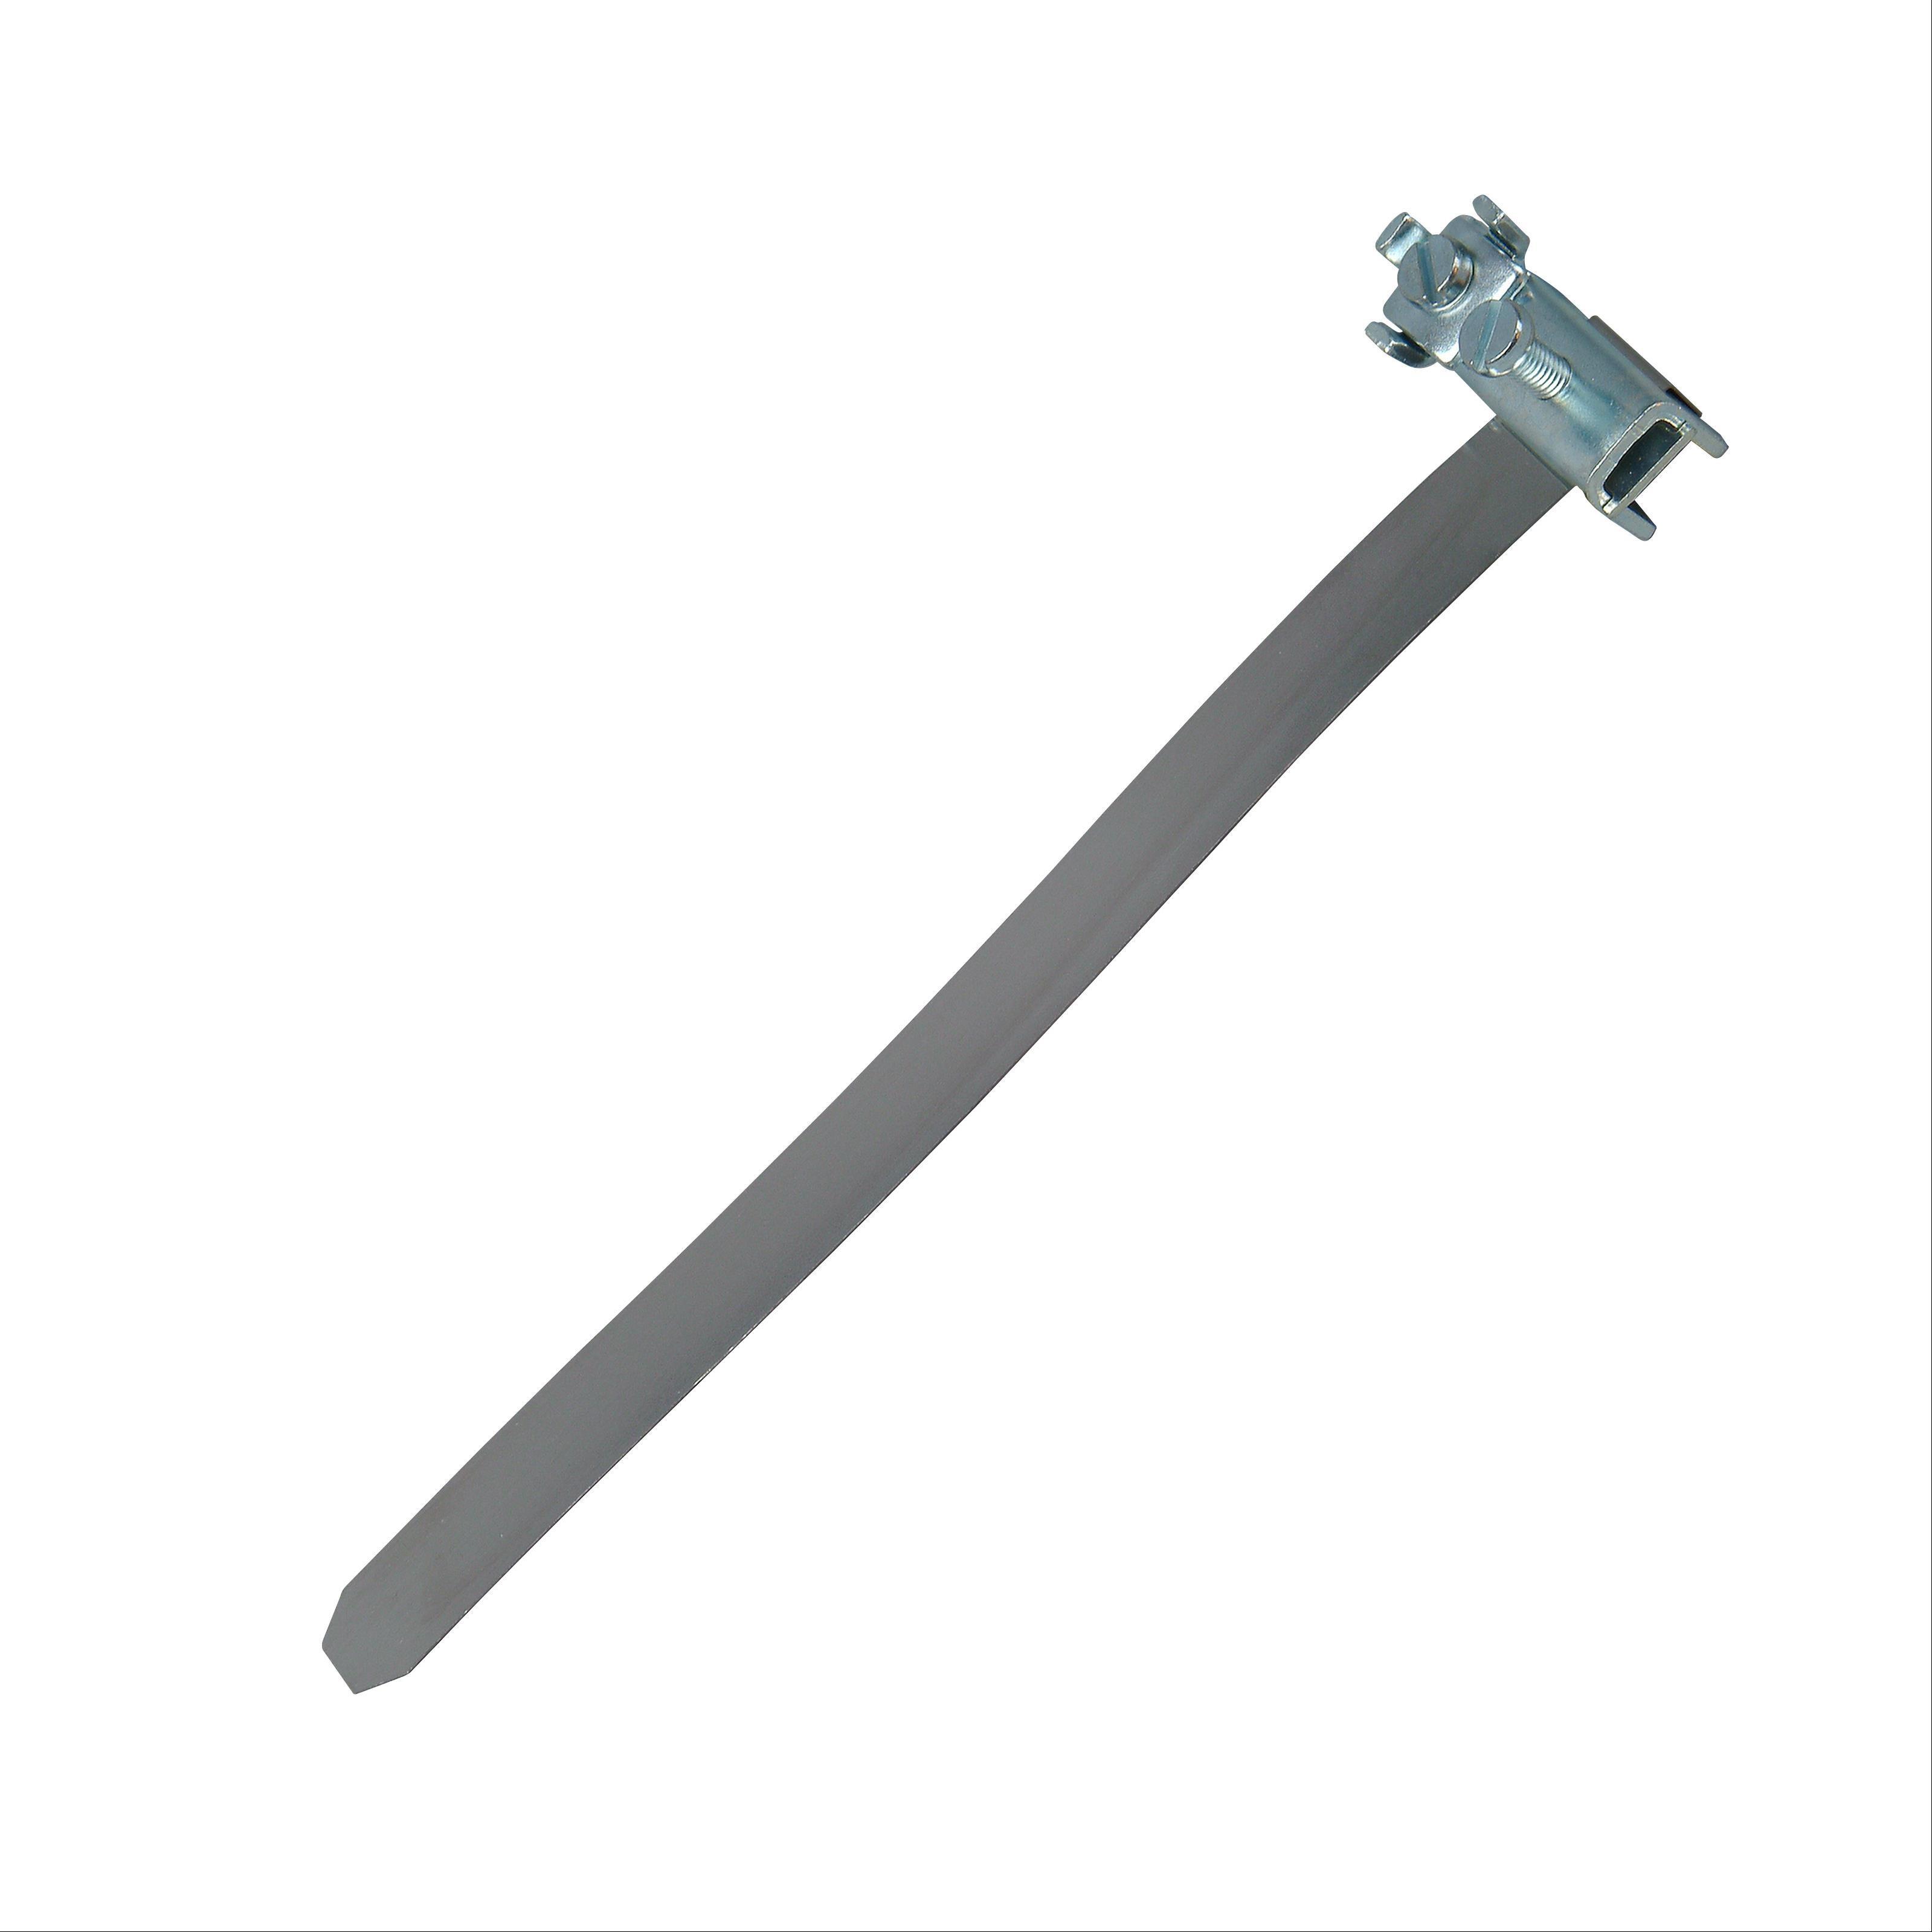 Kopp Erdungsbandschelle mit Anschlussklemme Bild 1